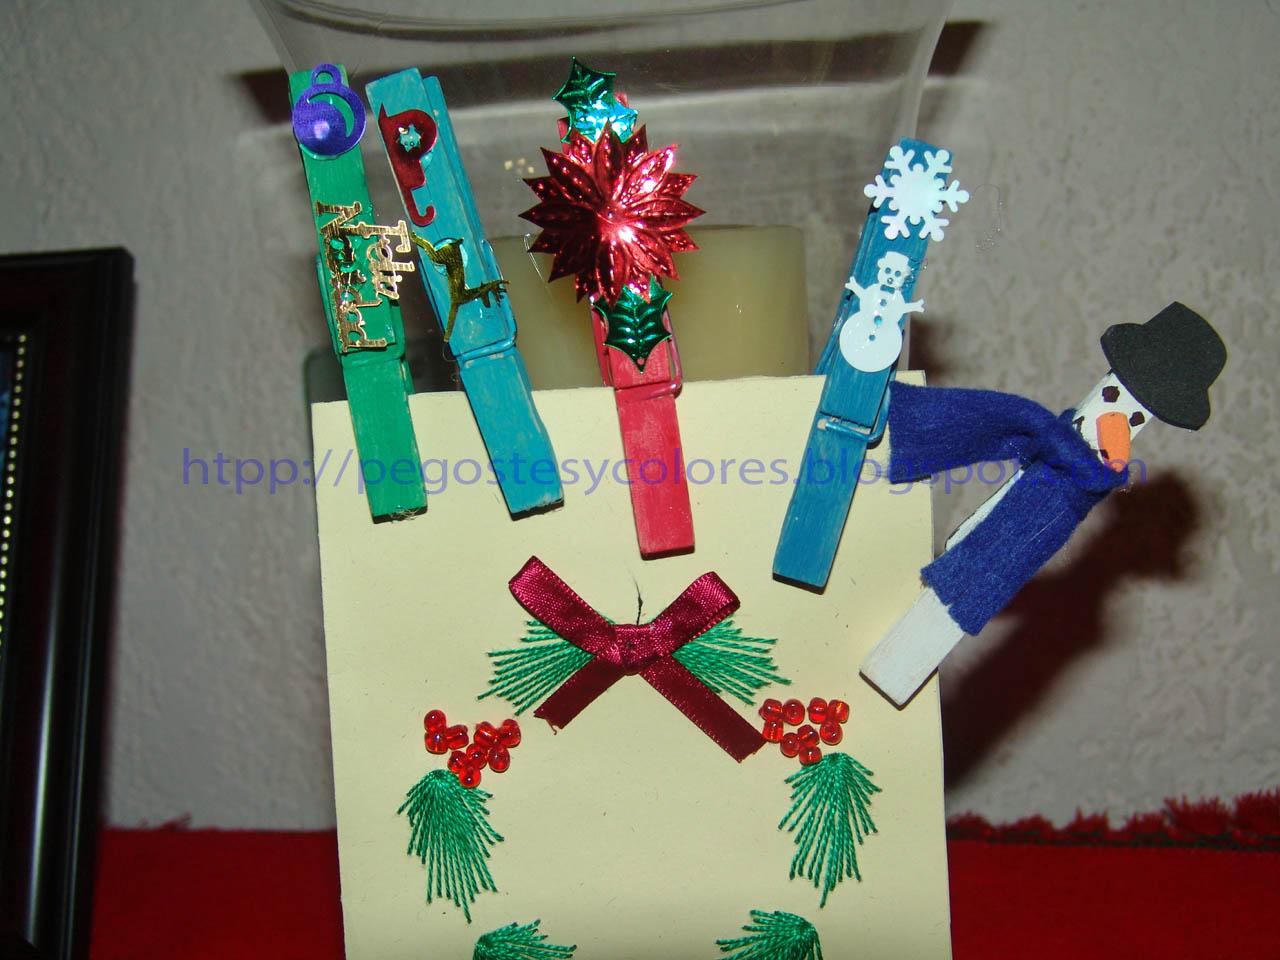 Pegostes y colores prendedores de navidad con pinzas de ropa - Manualidades navidad faciles ...